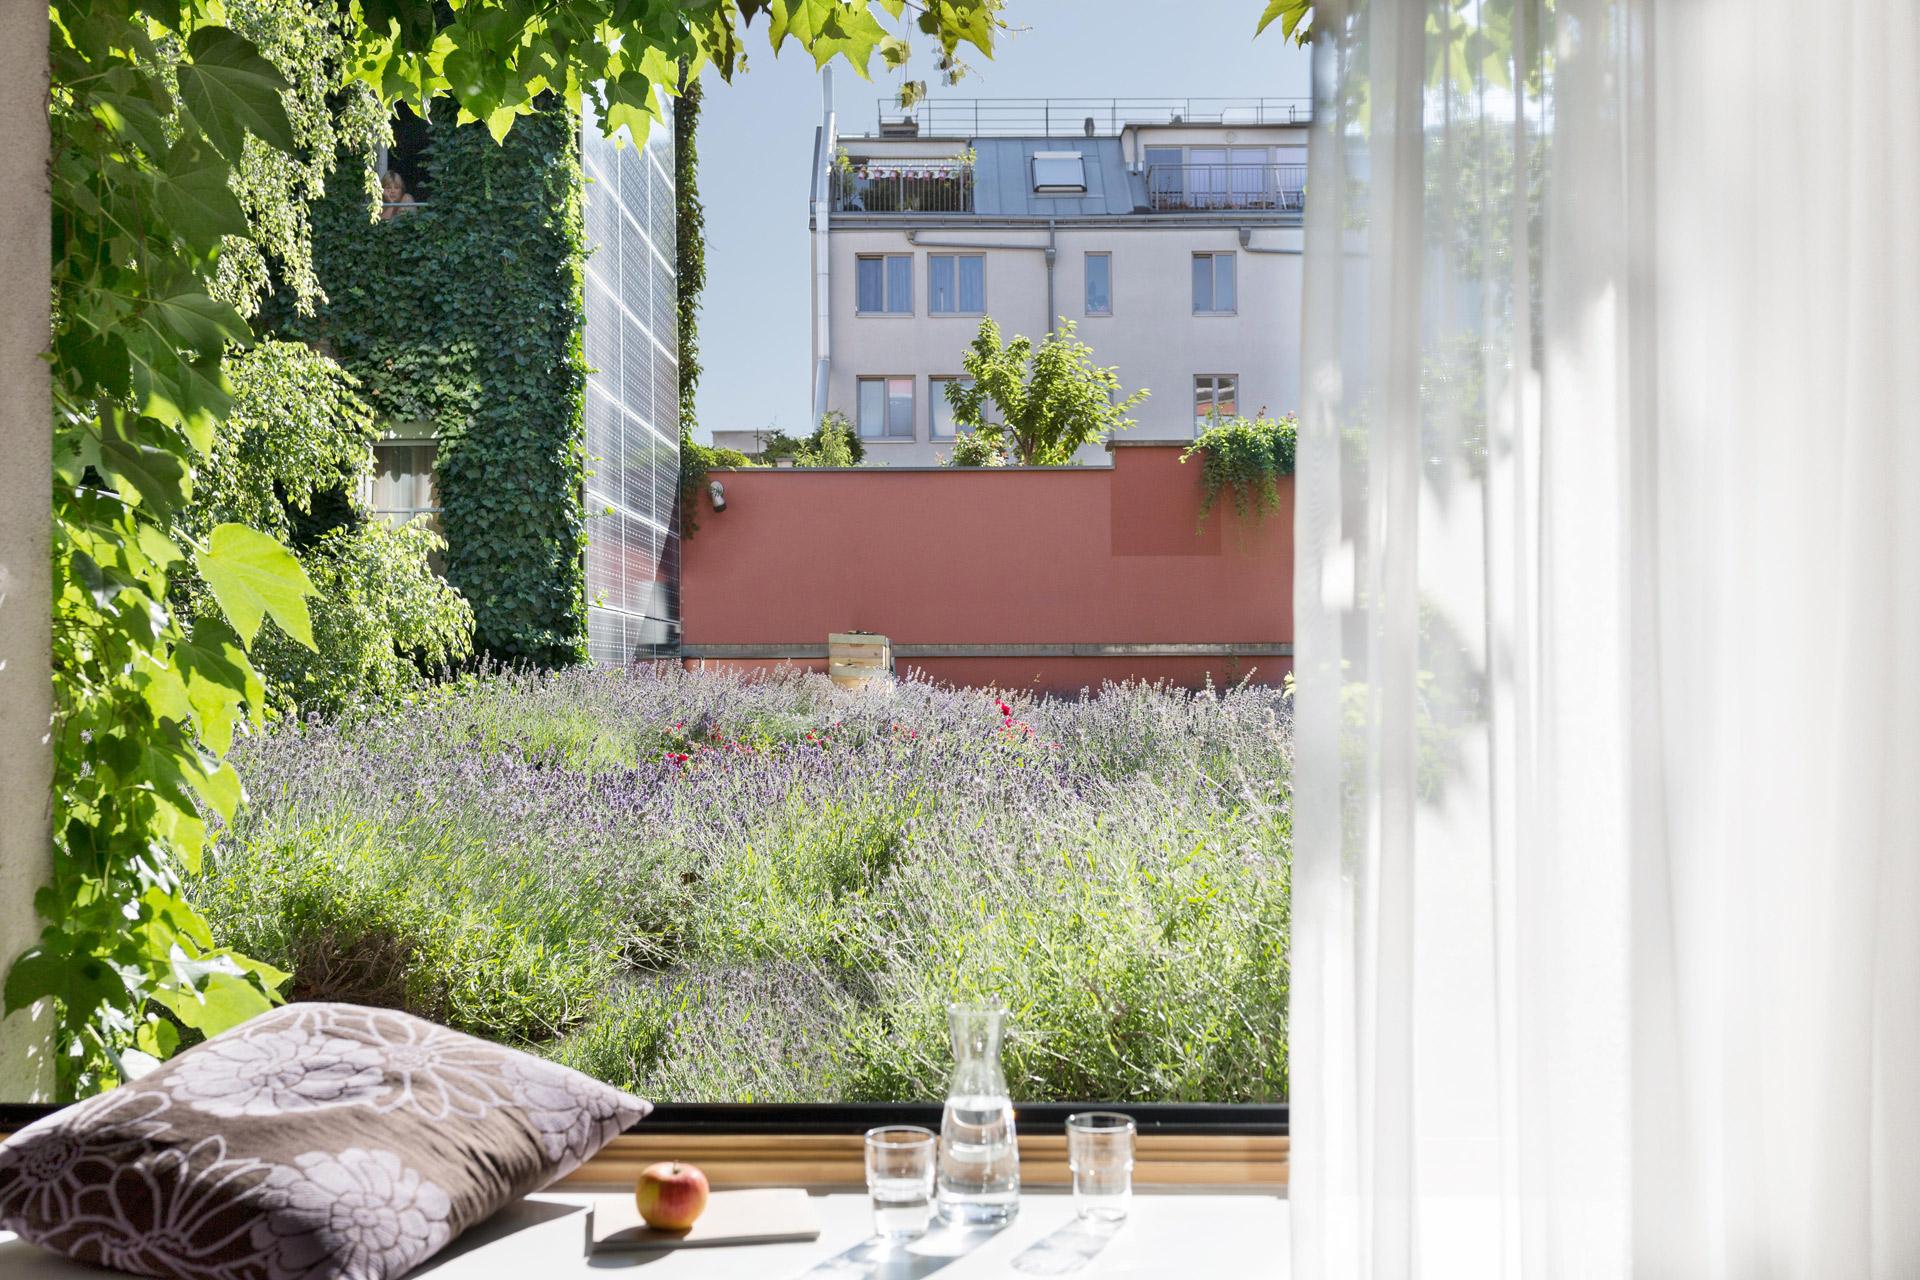 Komfortzimmer mit Blick in den Lavendelgarten © Boutiquehotel Stadthalle/ Tina Herzl